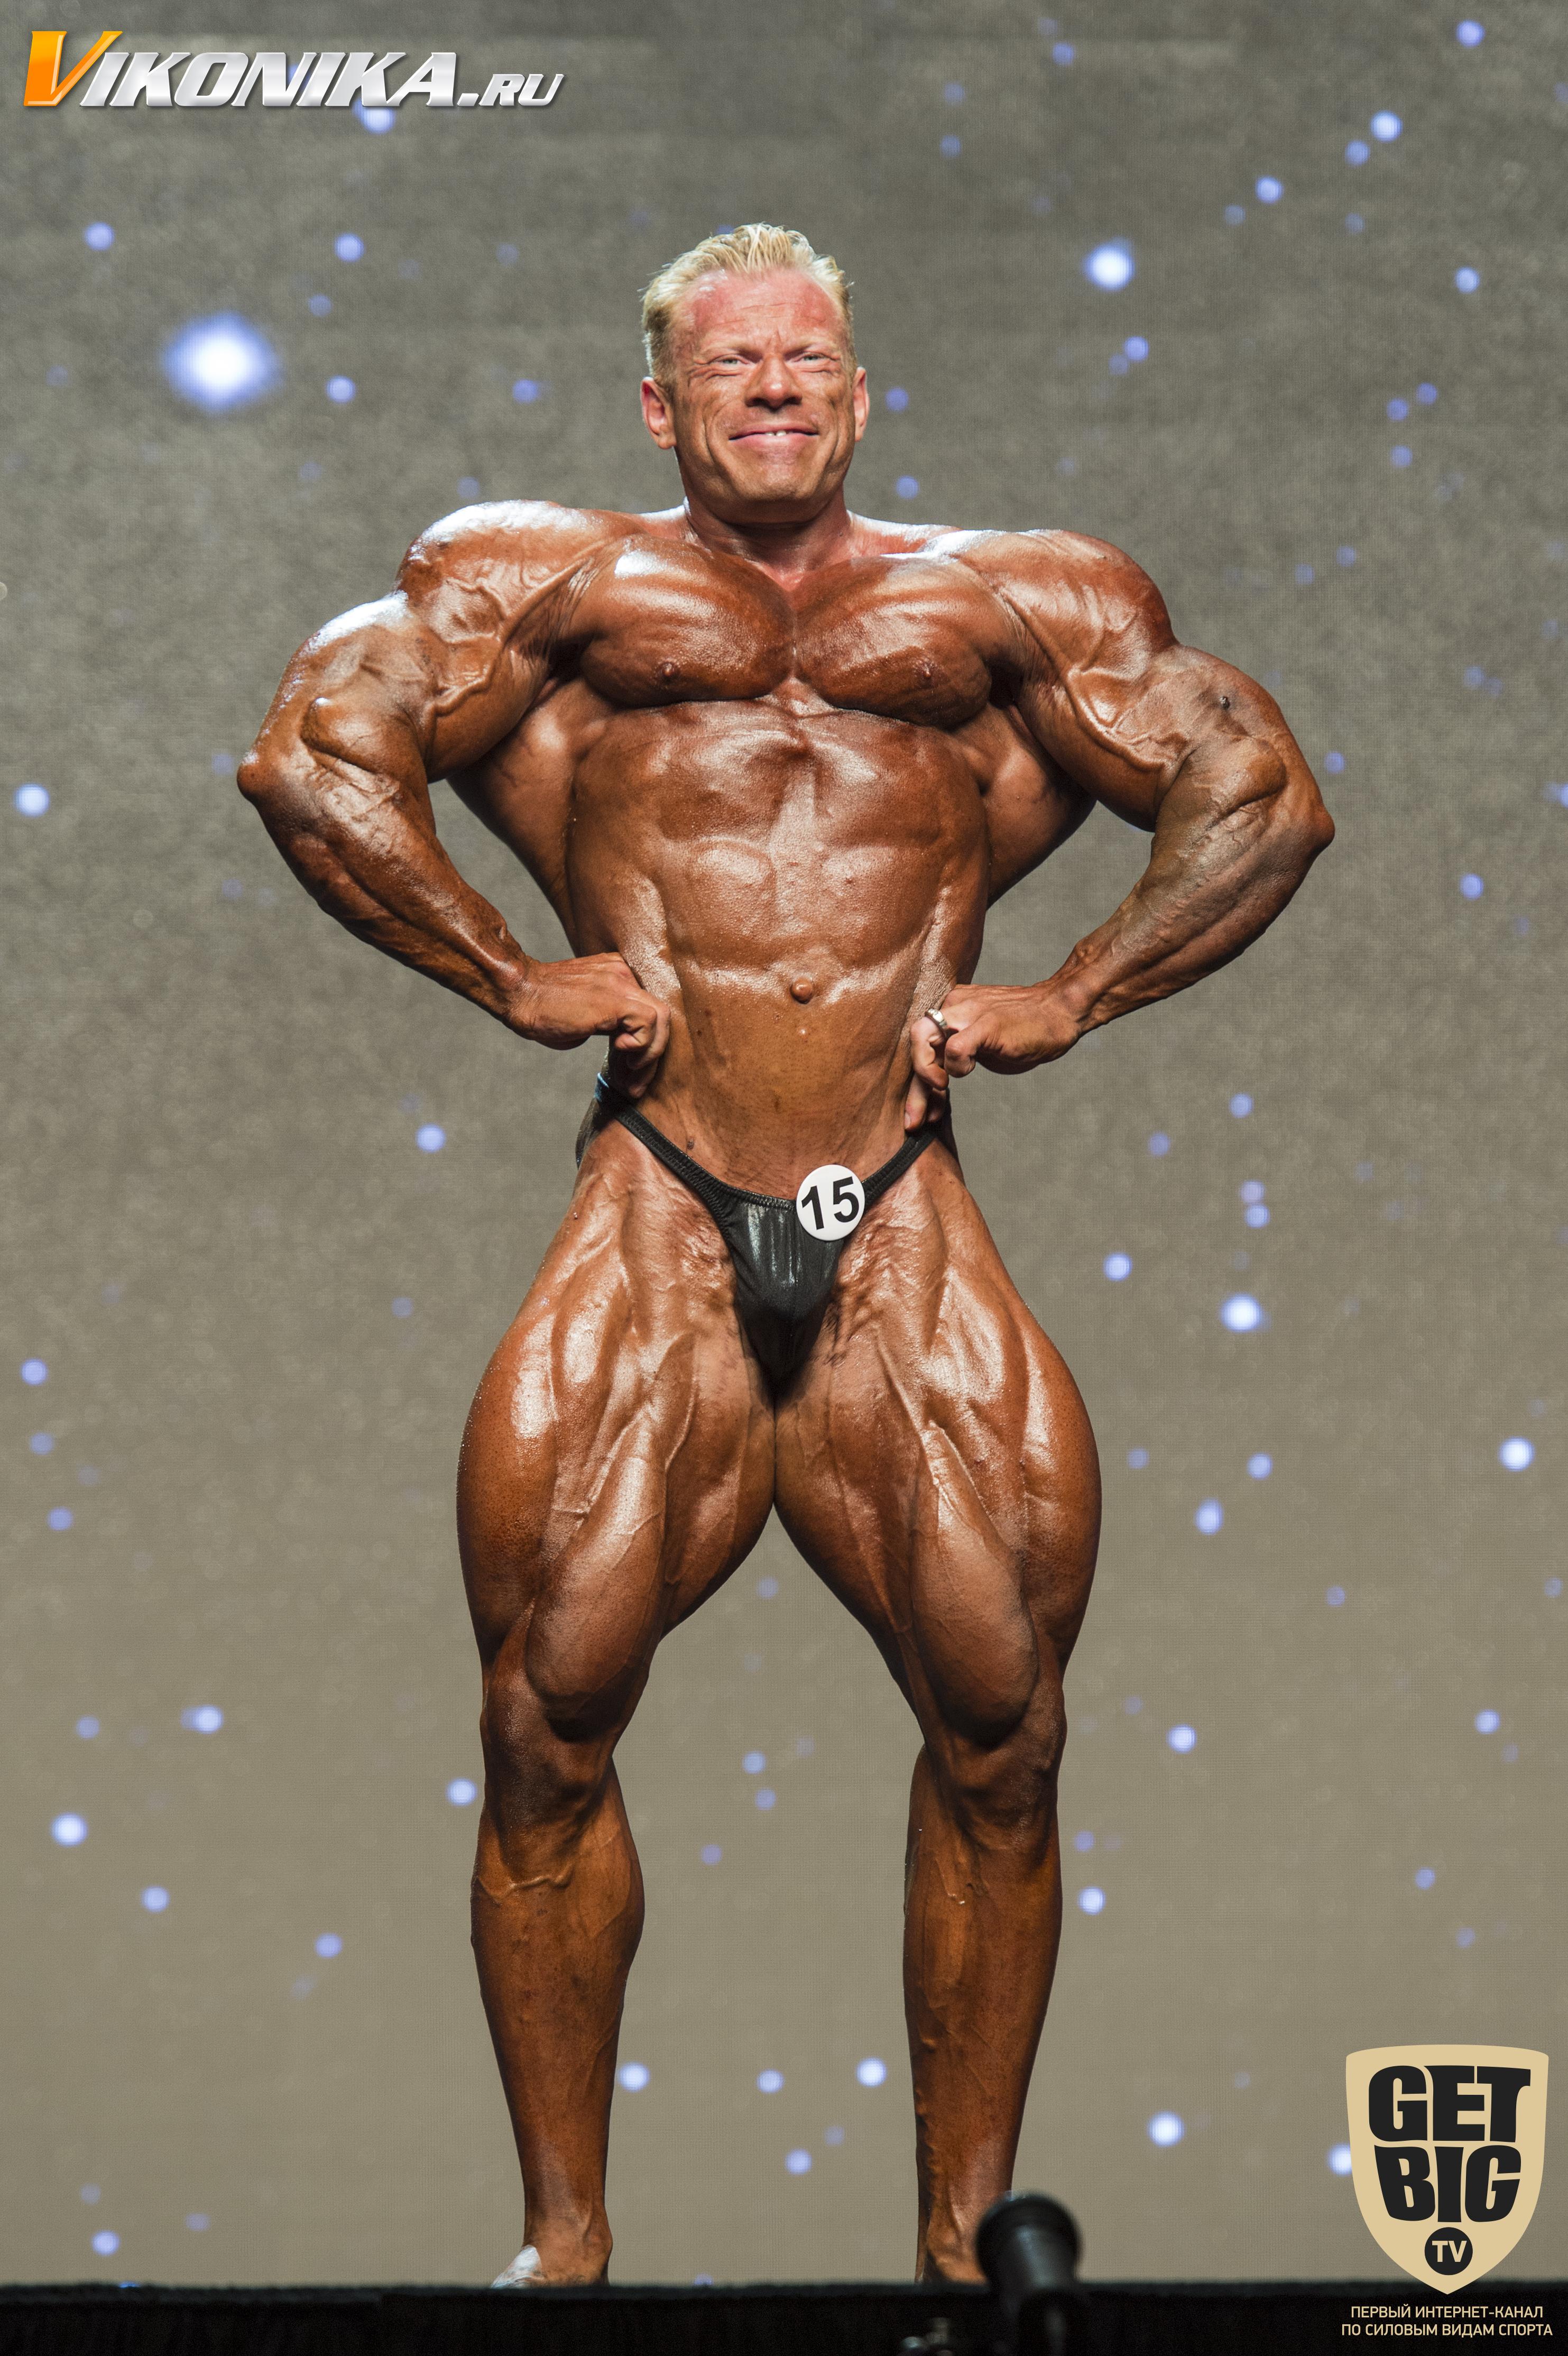 Деннис Вульф - 4 место на «Олимпии»-2014